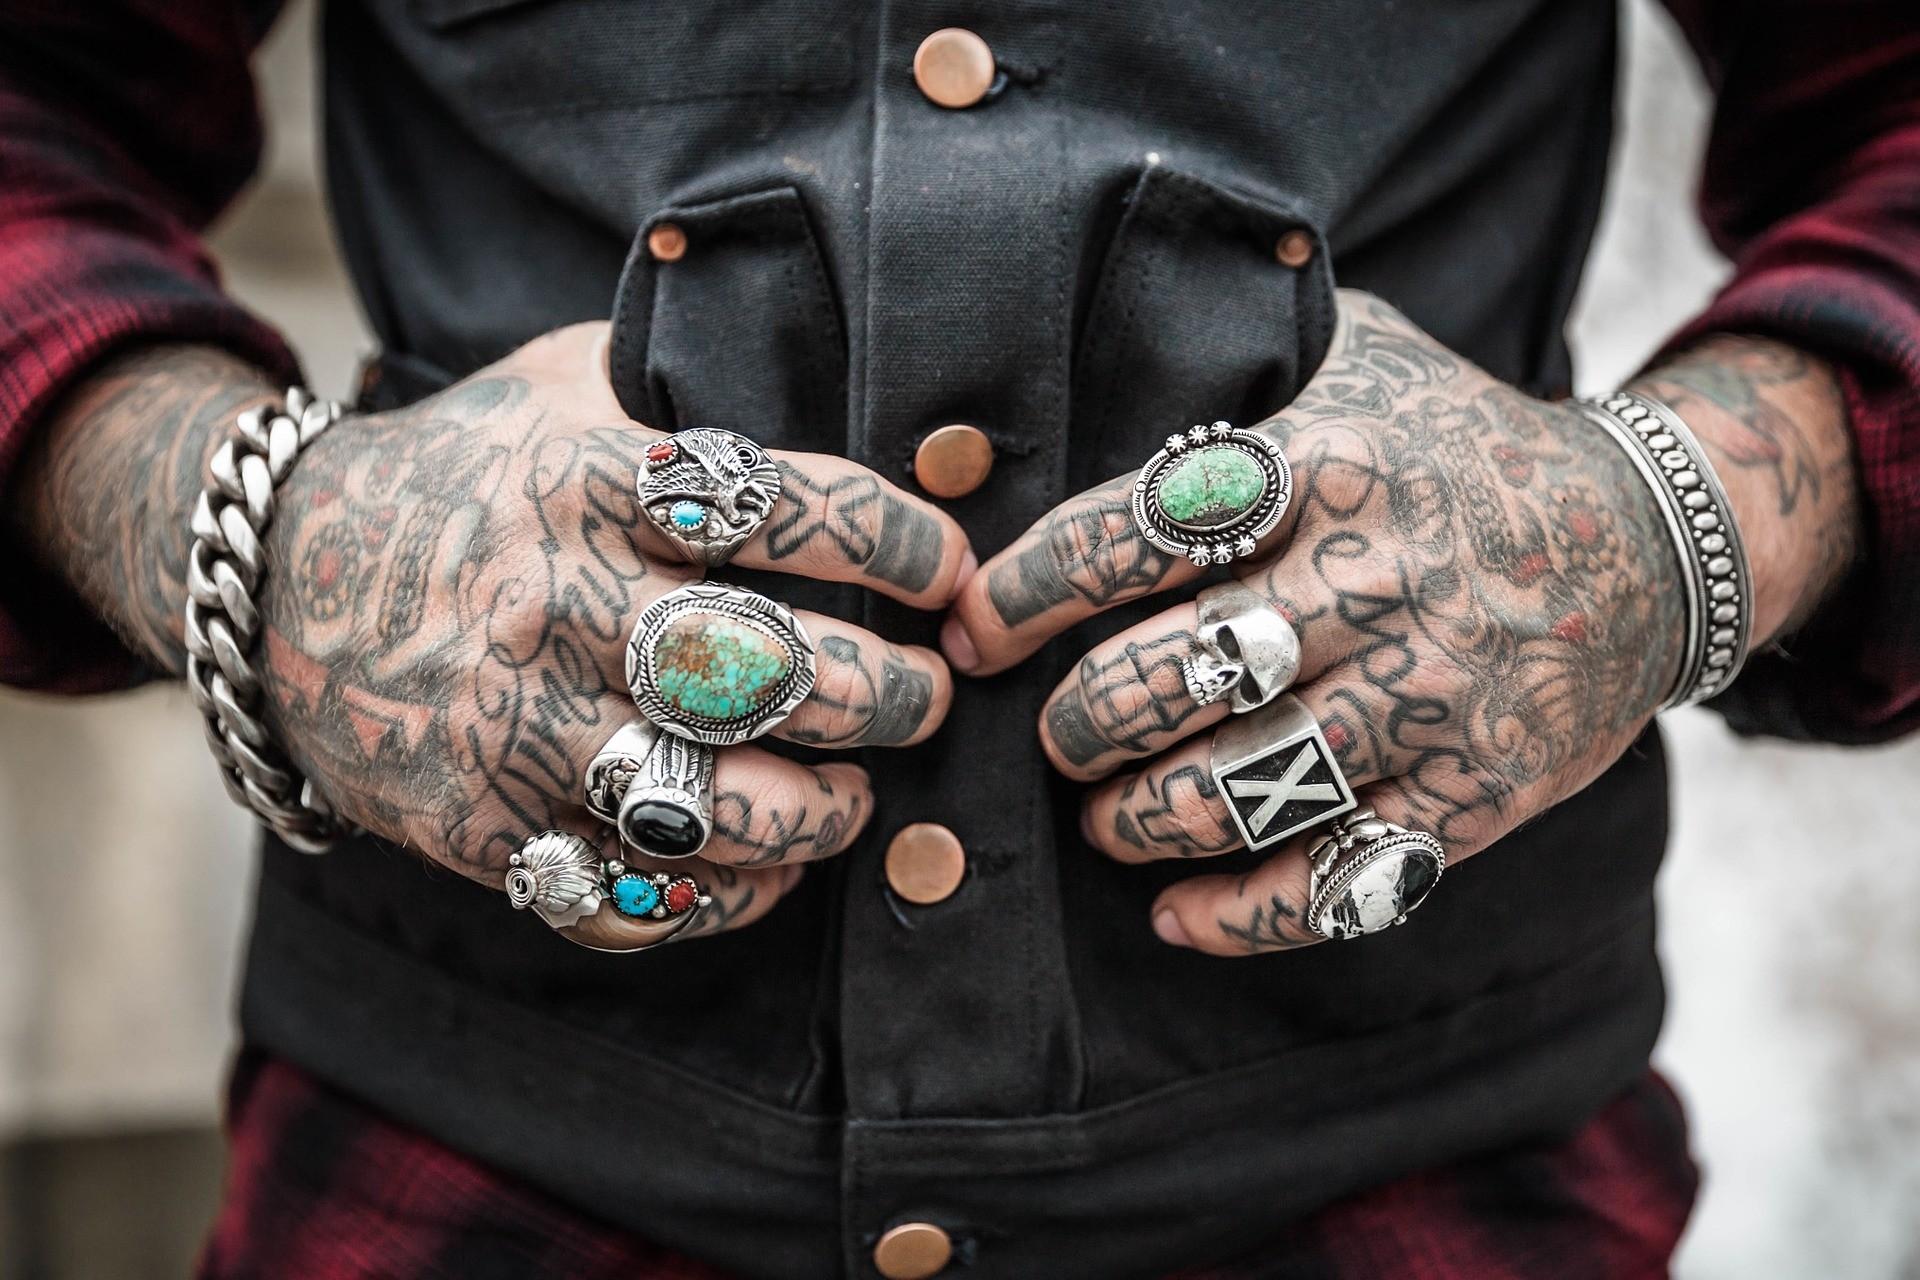 Preconceito com tatuagens já é coisa do passado. (Foto: Free-Photos / Creative Commons)